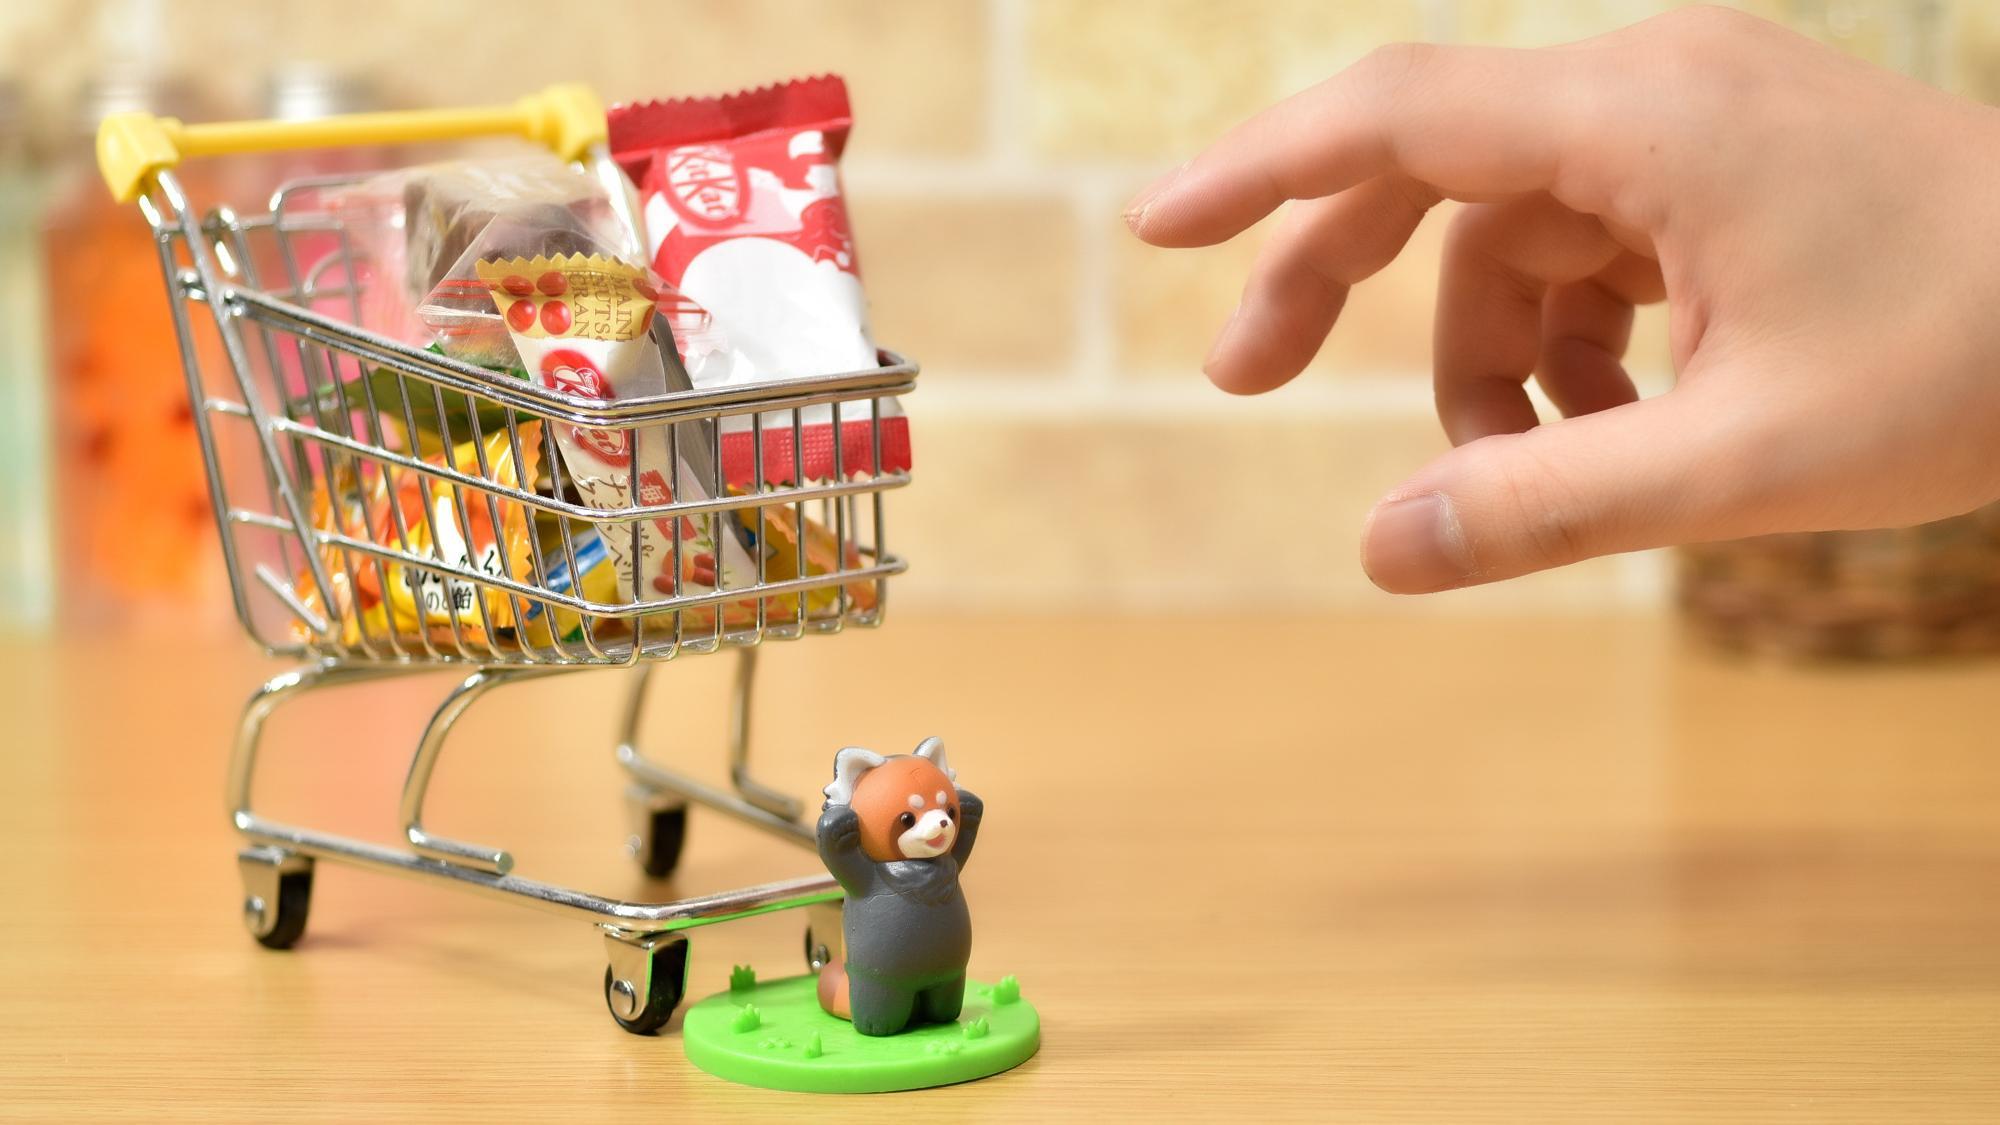 僕のお菓子食べないで!と見せかけて、ついついお菓子に手が伸びる自分への戒め。